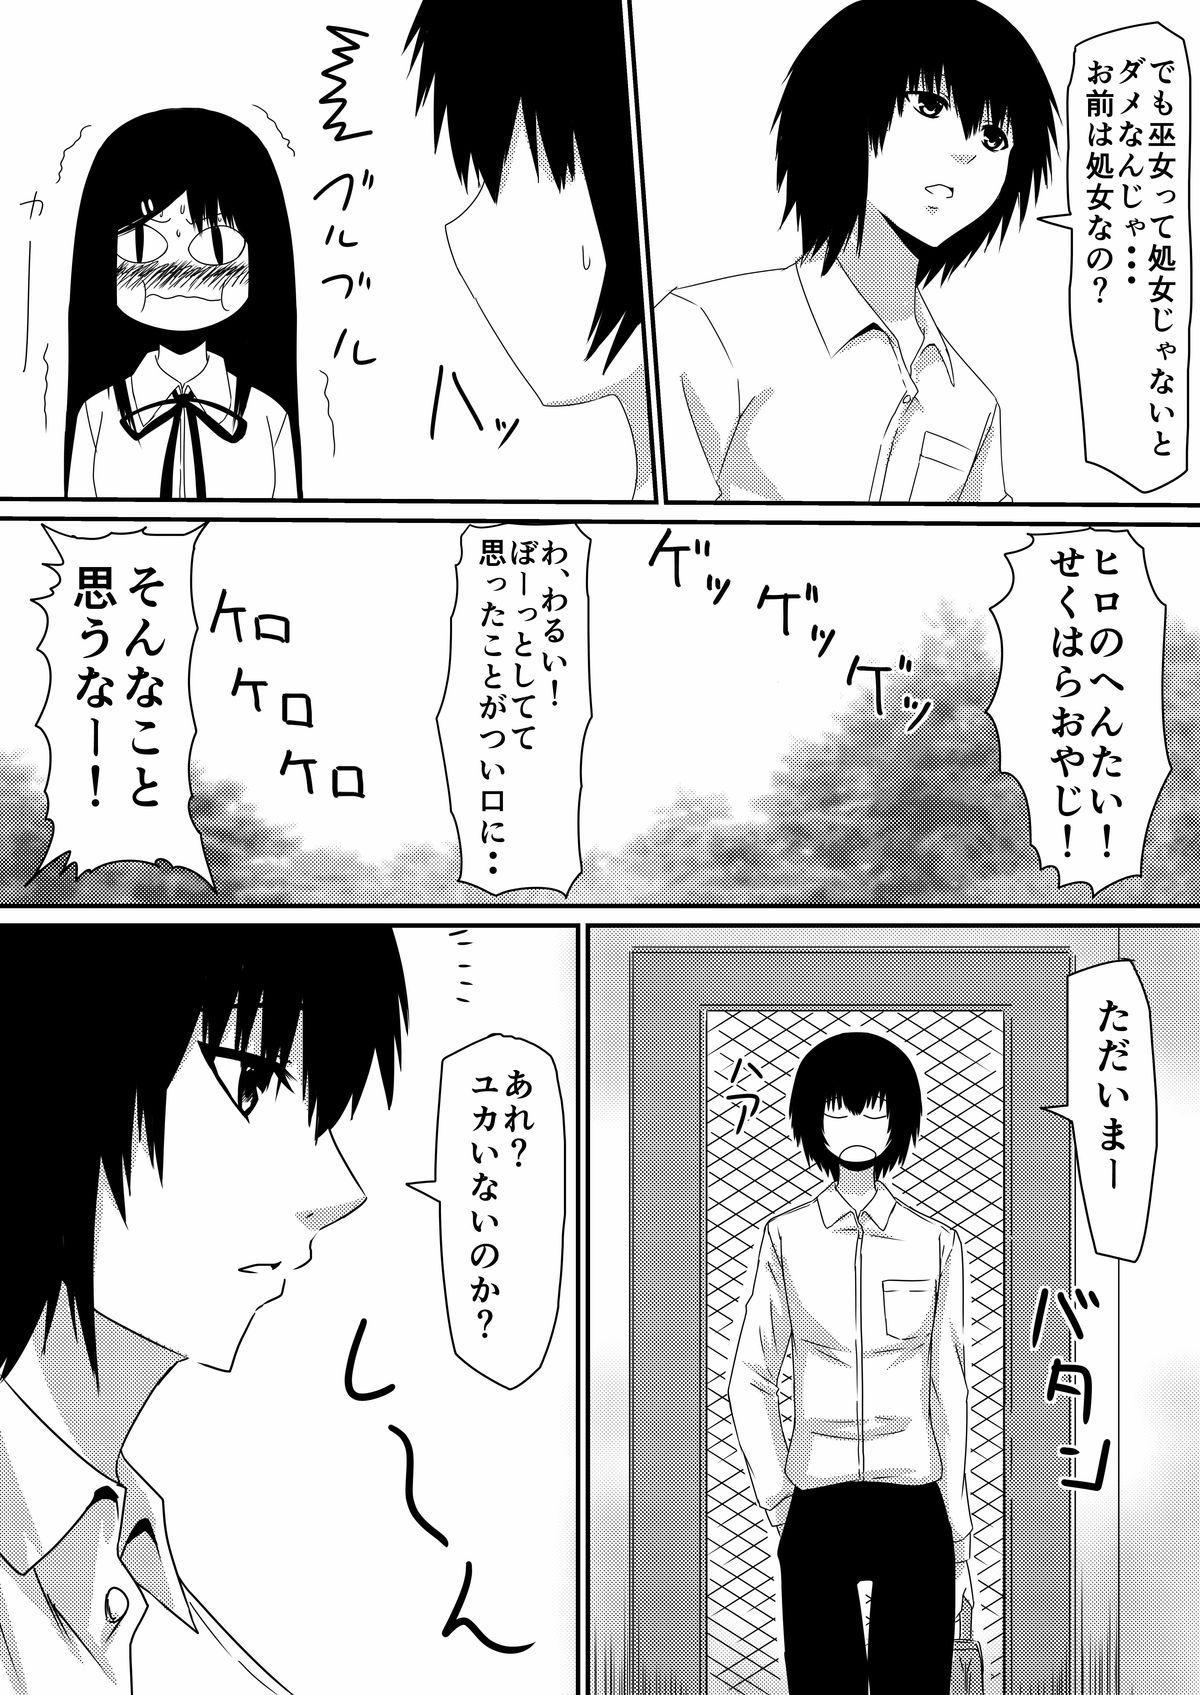 [Mikezoutei] Mashou no Chinko o Motsu Shounen ~Kare no Dankon wa Josei o Mesu e to Kaeru~ Zenpen 43